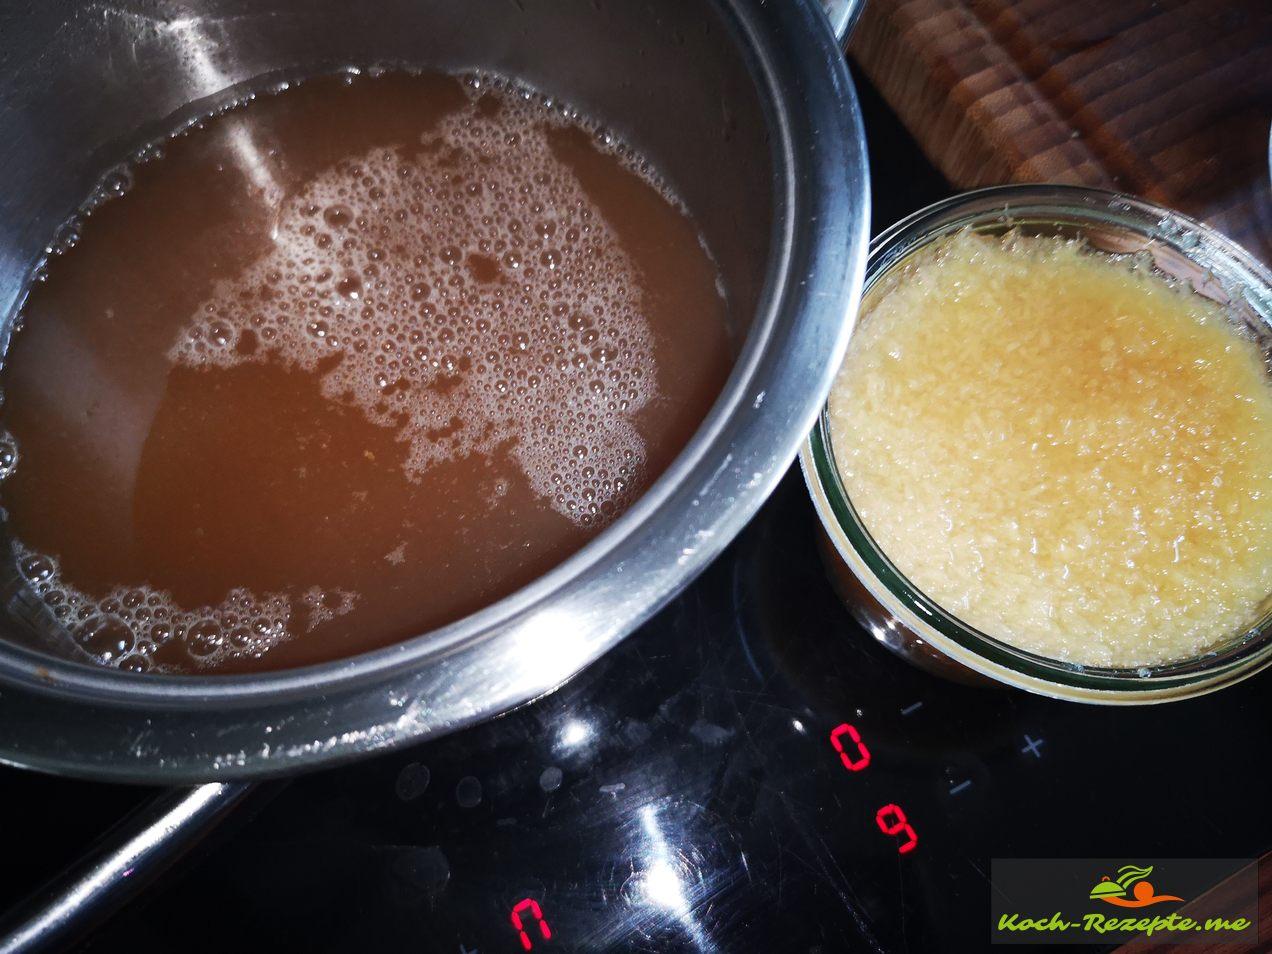 Zitronen Ingwer Sirup mit 1 lter Wasser aufkochen und 40 Minuten köcheln lassen, dann Zitrone, Ingwer entfernen